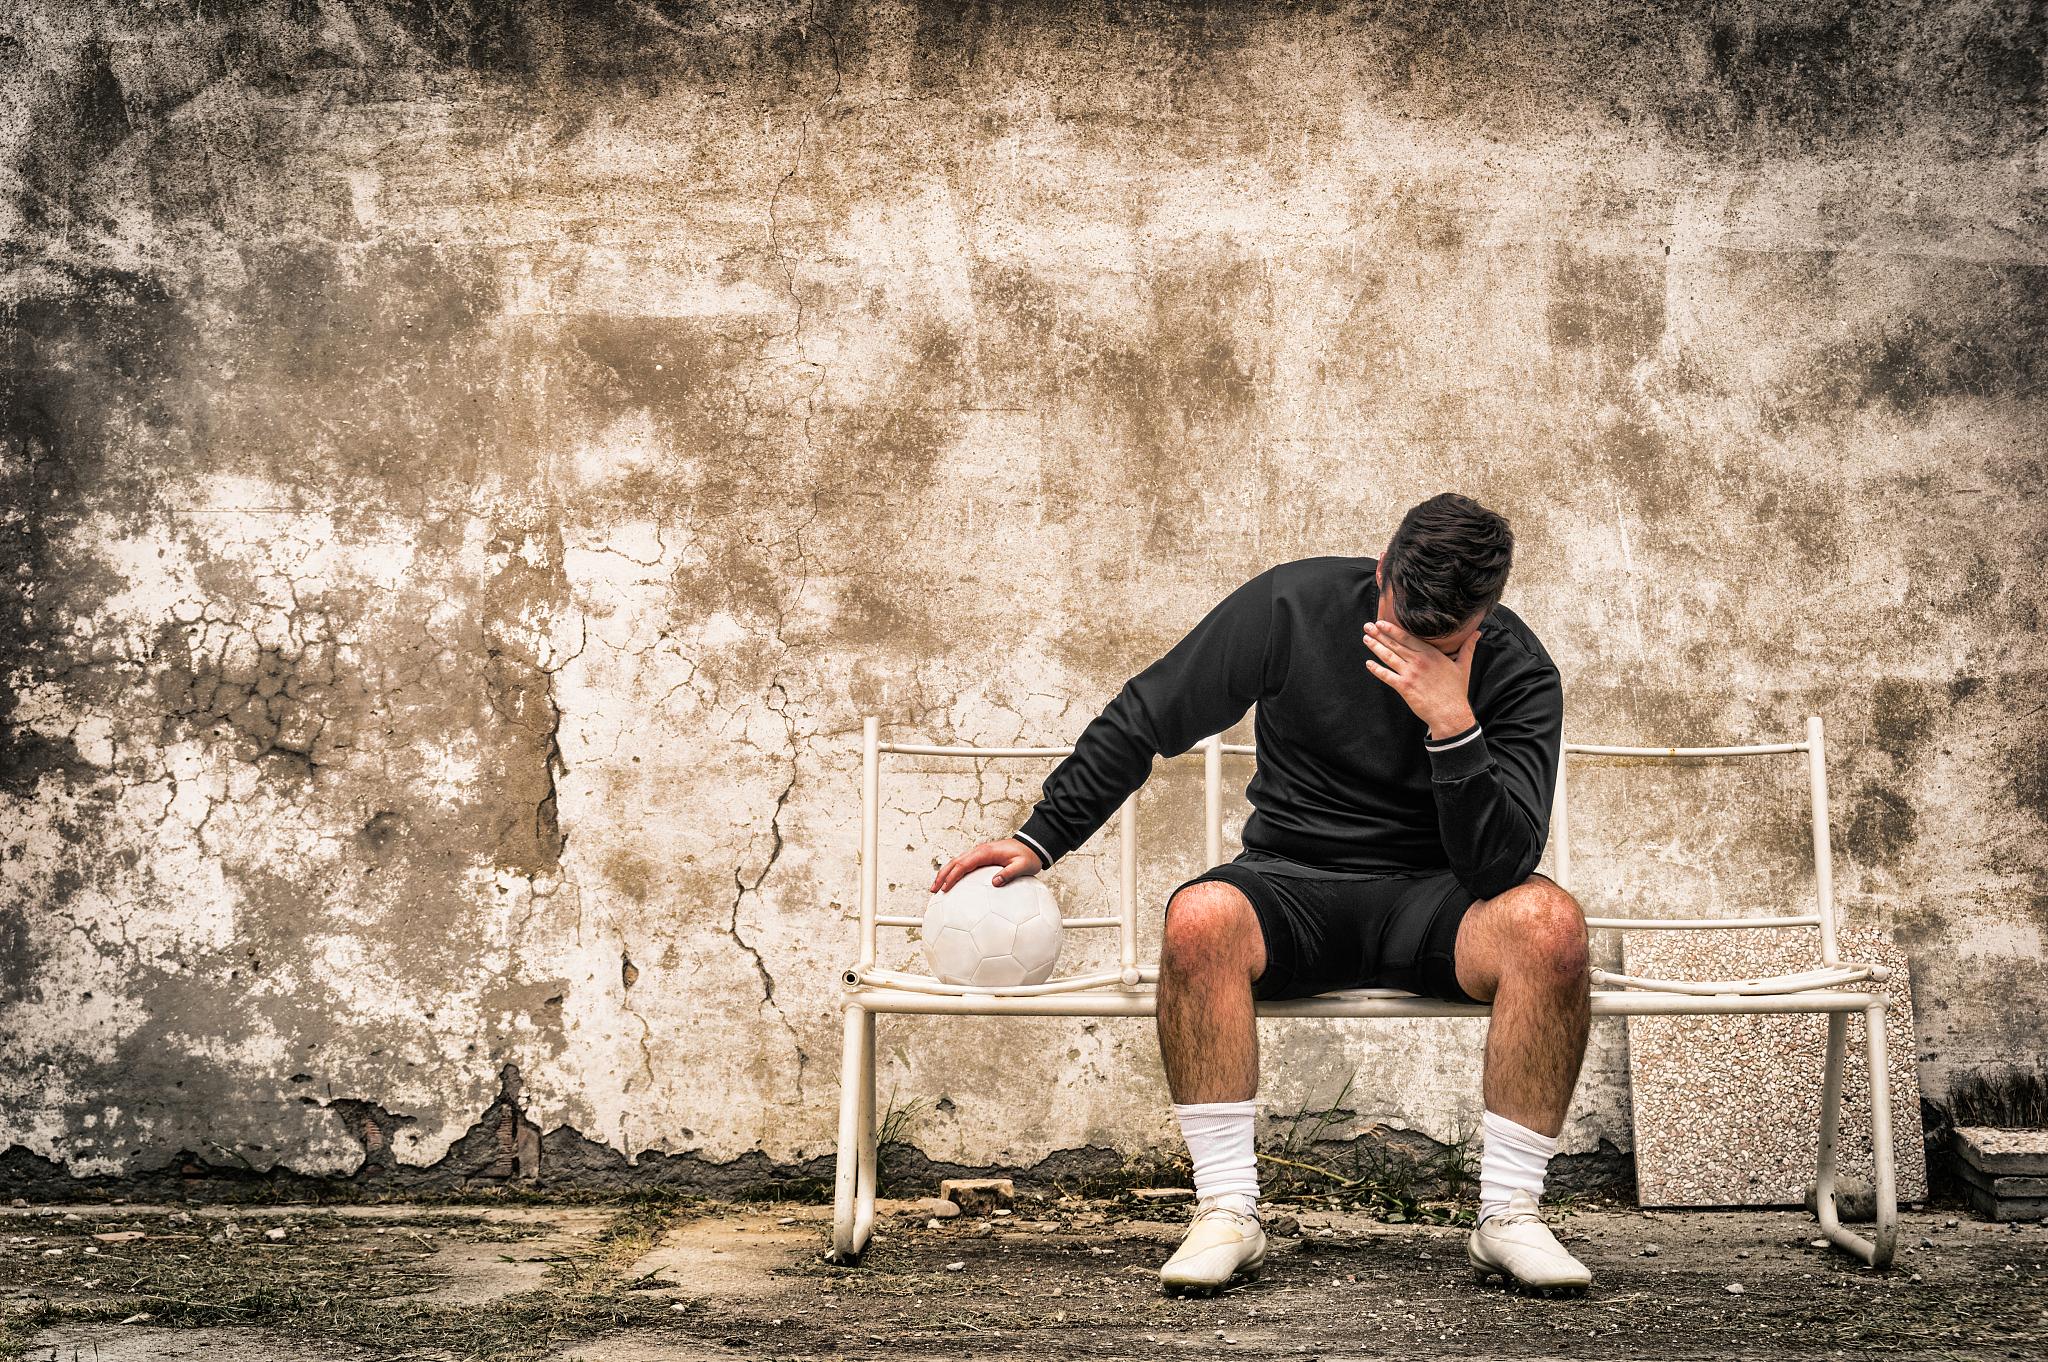 福建喝什么茶:日本男排26名队员感染新冠肺炎肺炎 56人检测